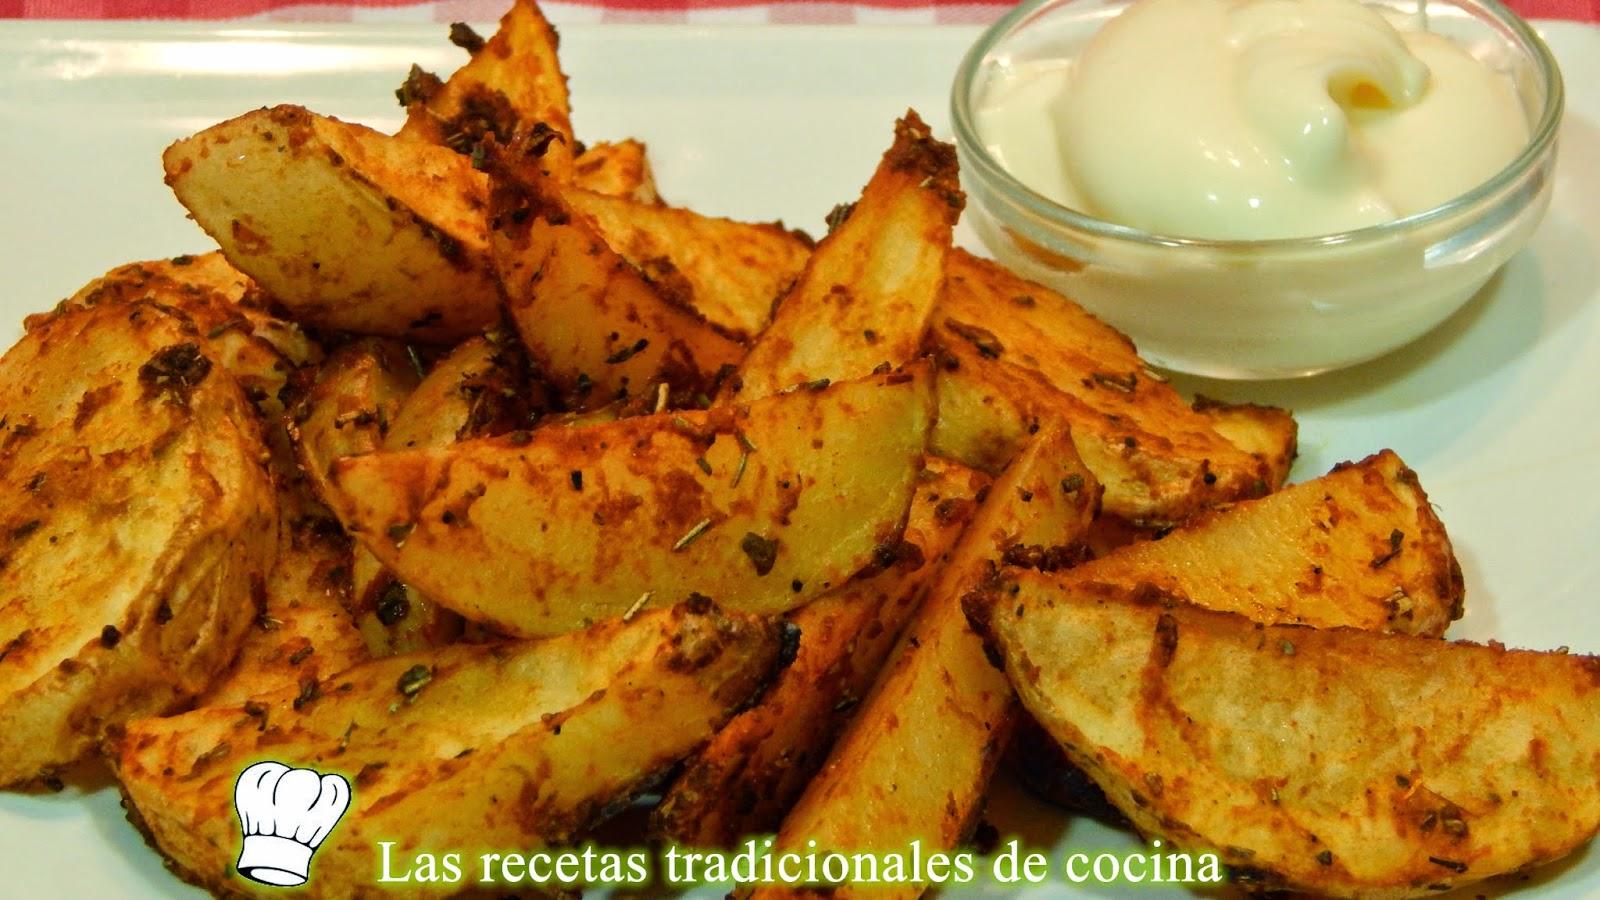 Receta de patatas al horno adobadas recetas de cocina - Patatas pequenas al horno ...